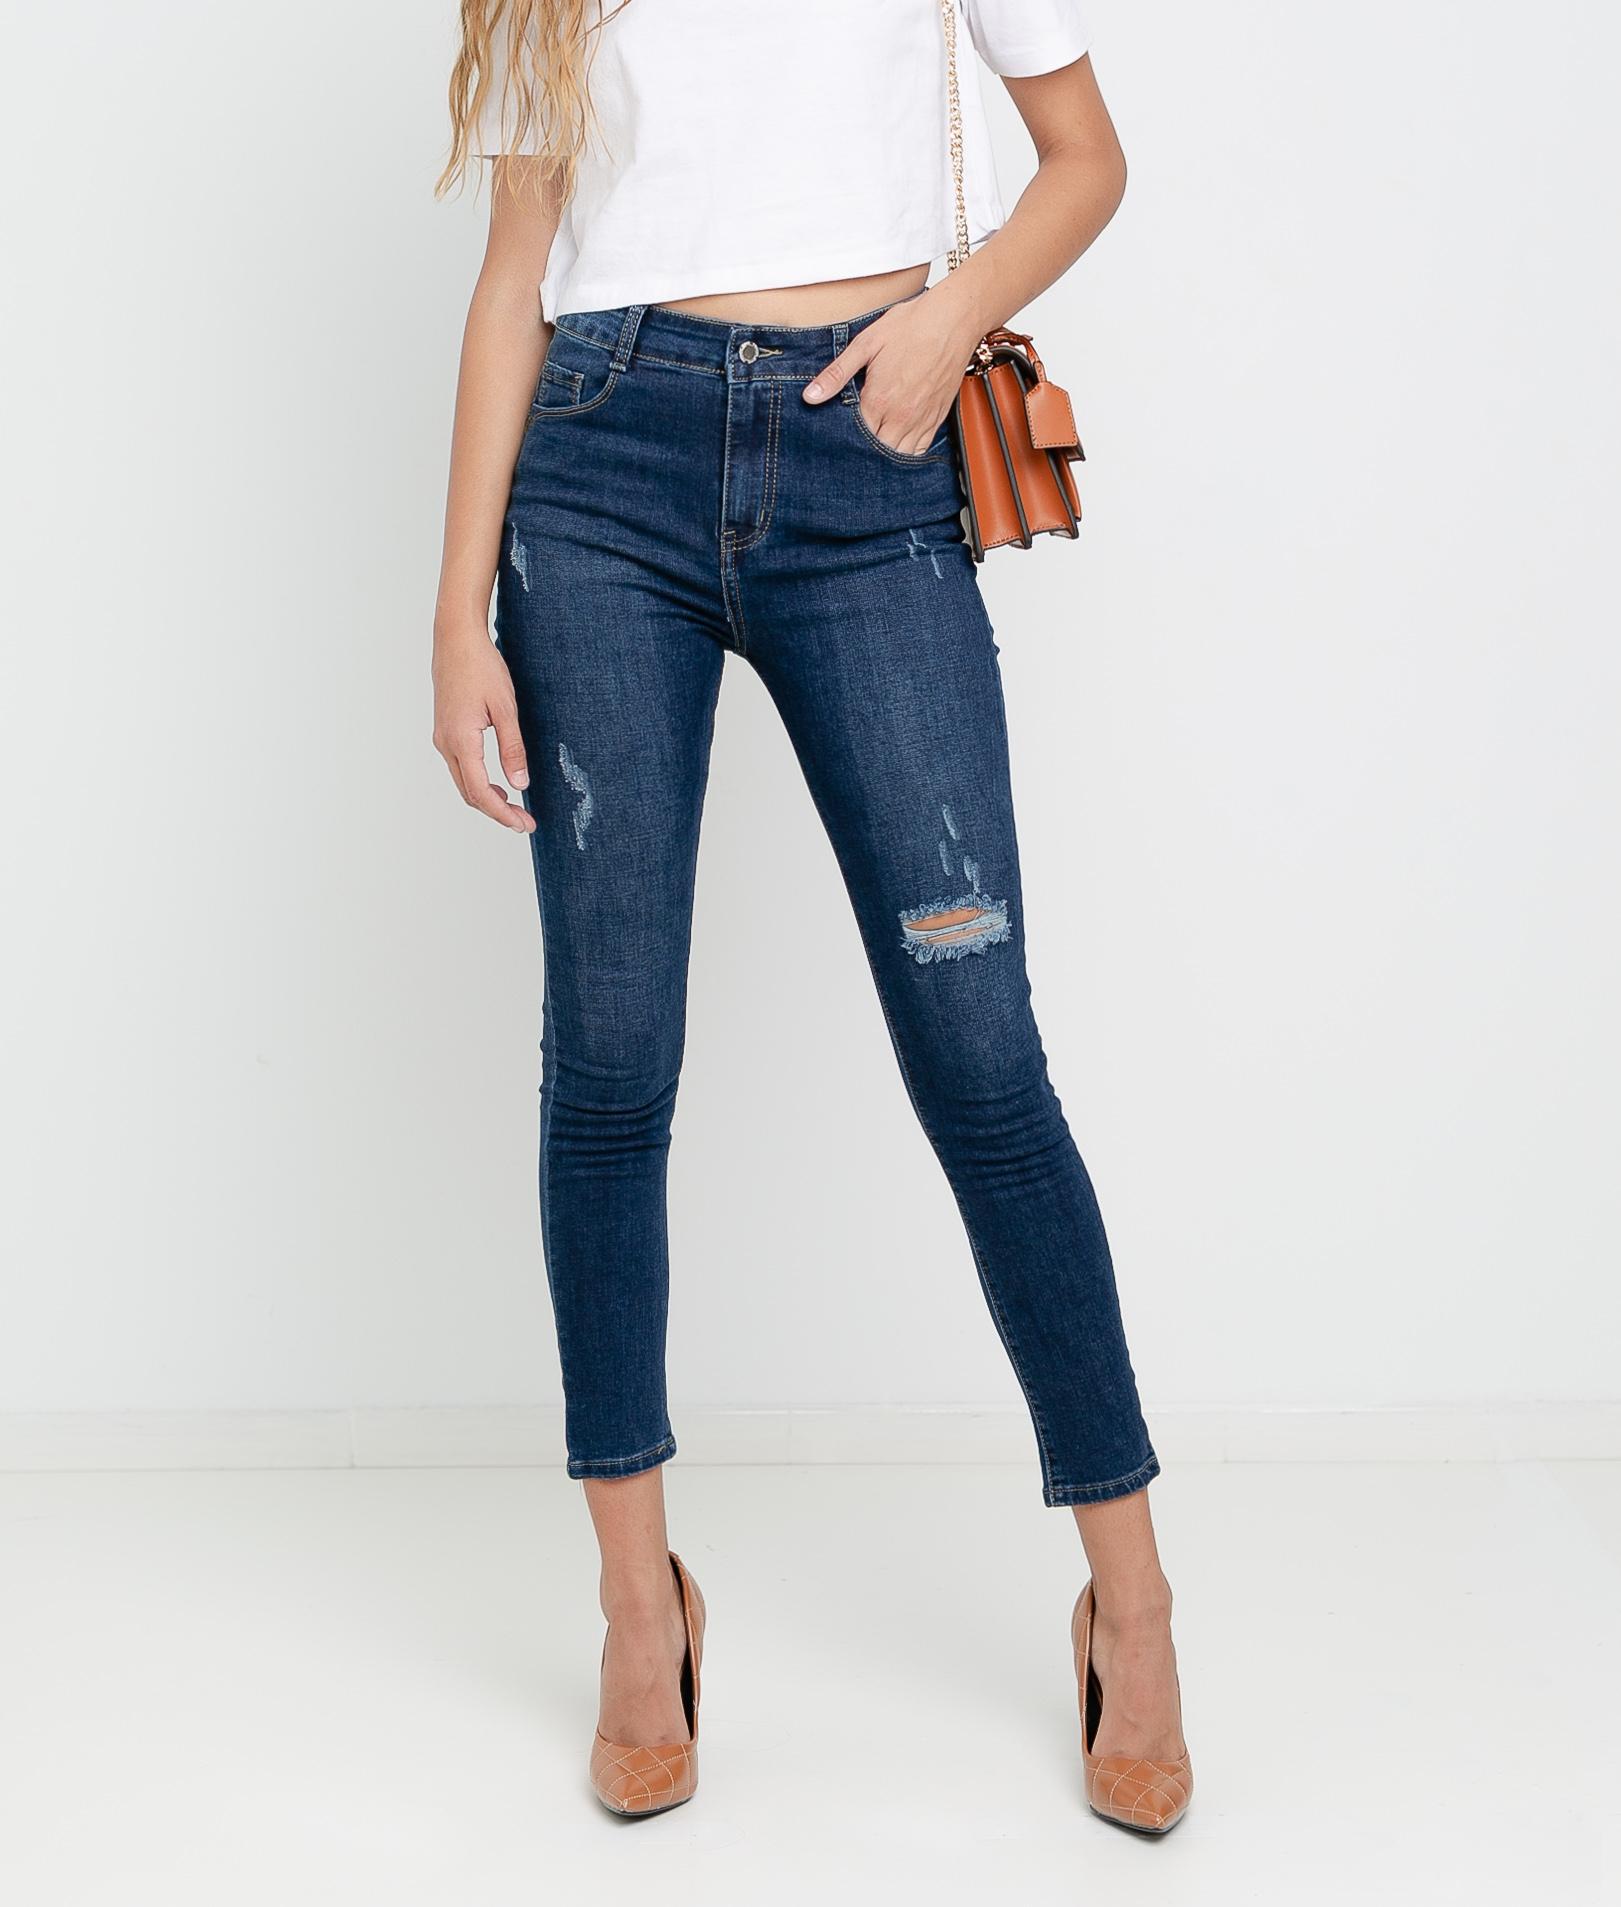 Pantaloni Borie - Denim